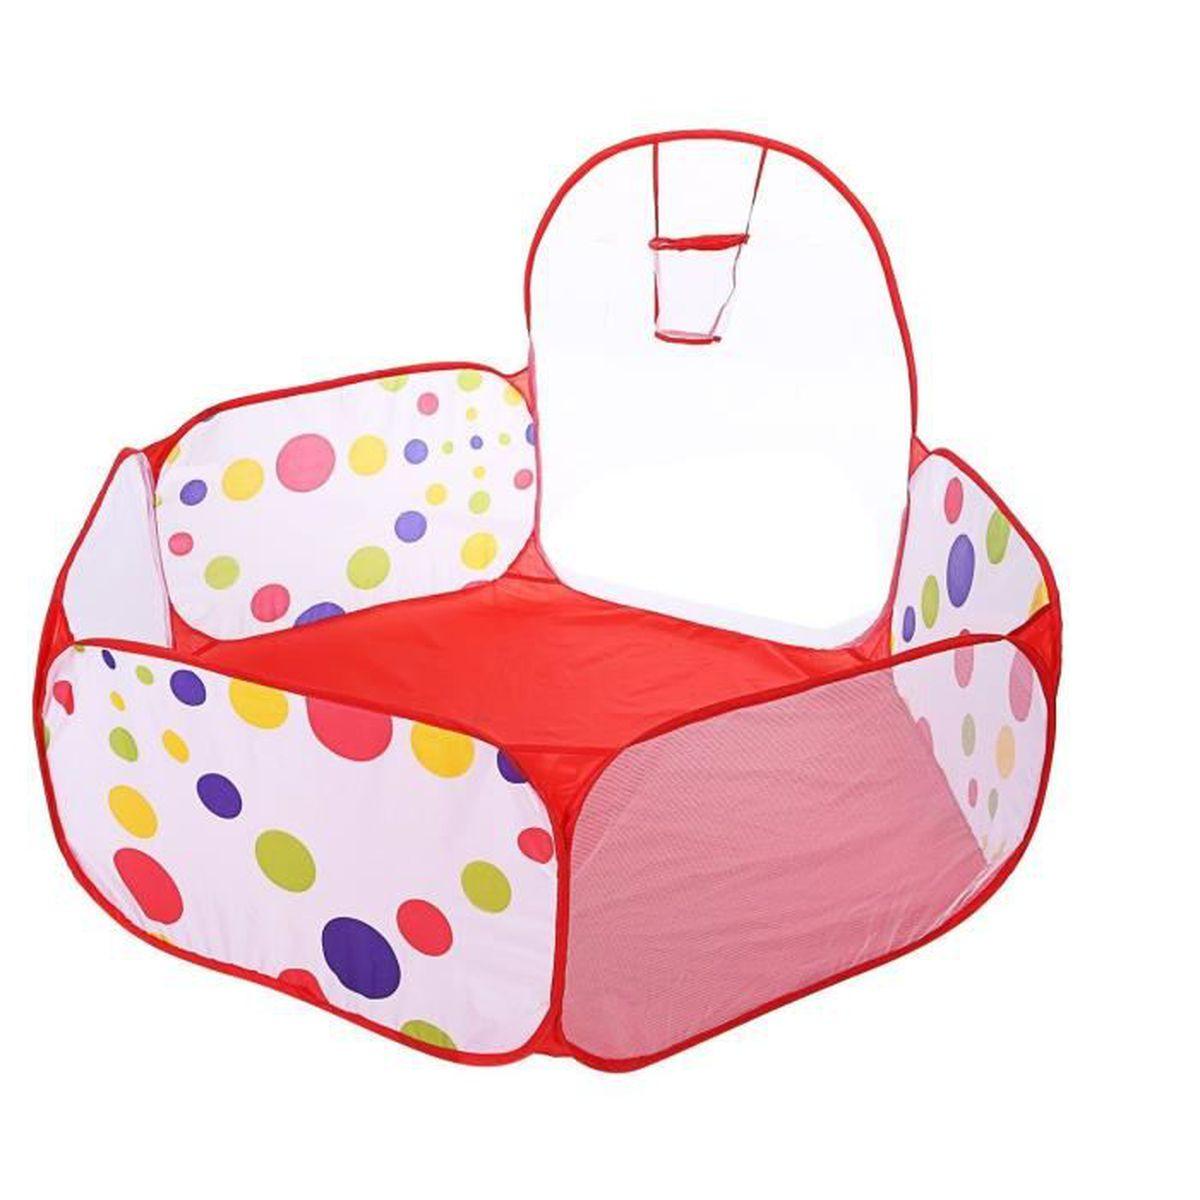 Hexagon 1 2 m tres aire de jeu piscine balles pour b b for Piscine de balle pour bebe